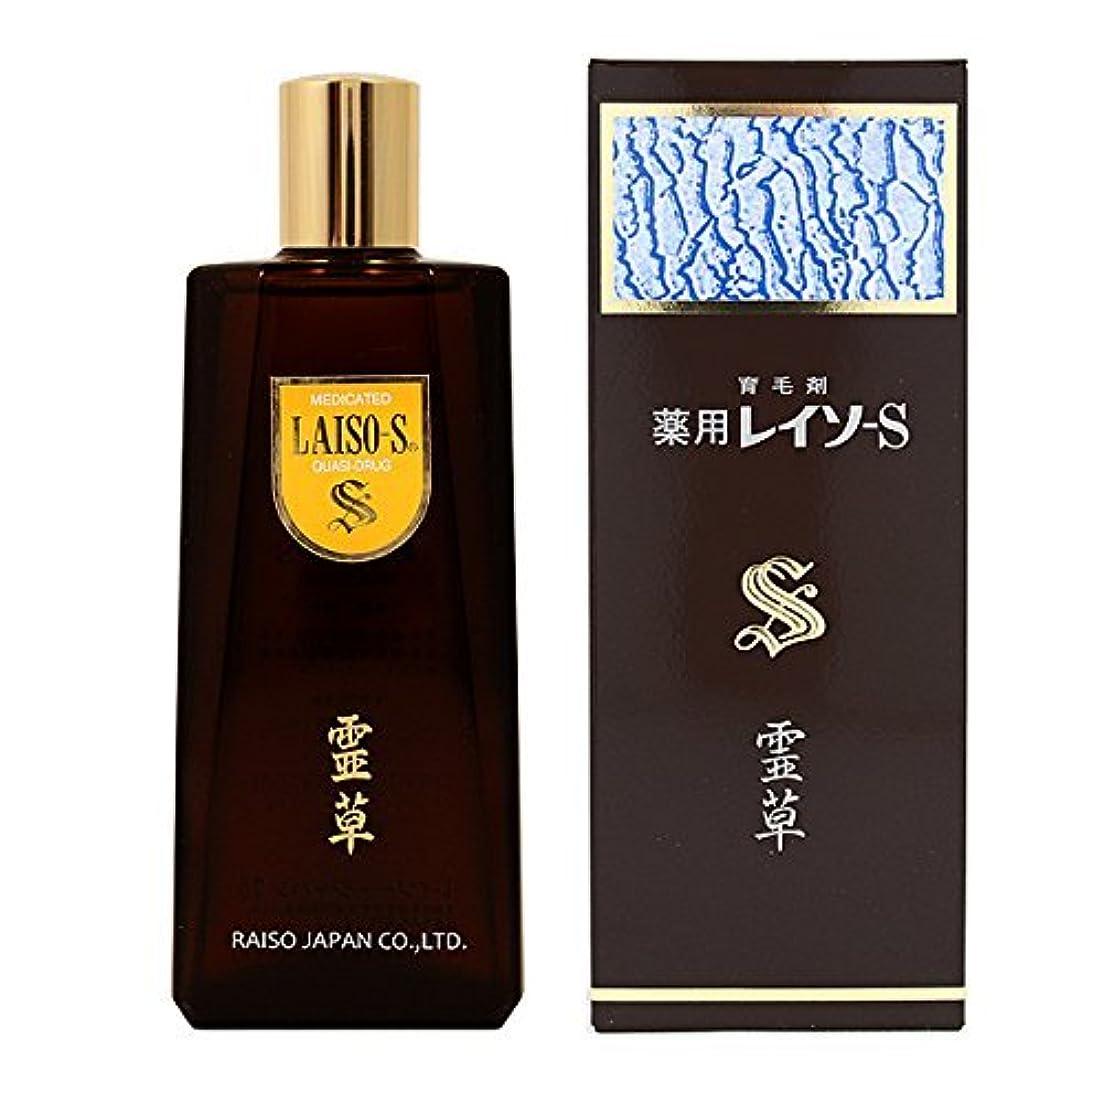 乱暴な浸漬顔料日本ヘアサプライ 薬用レイソーS 150ml